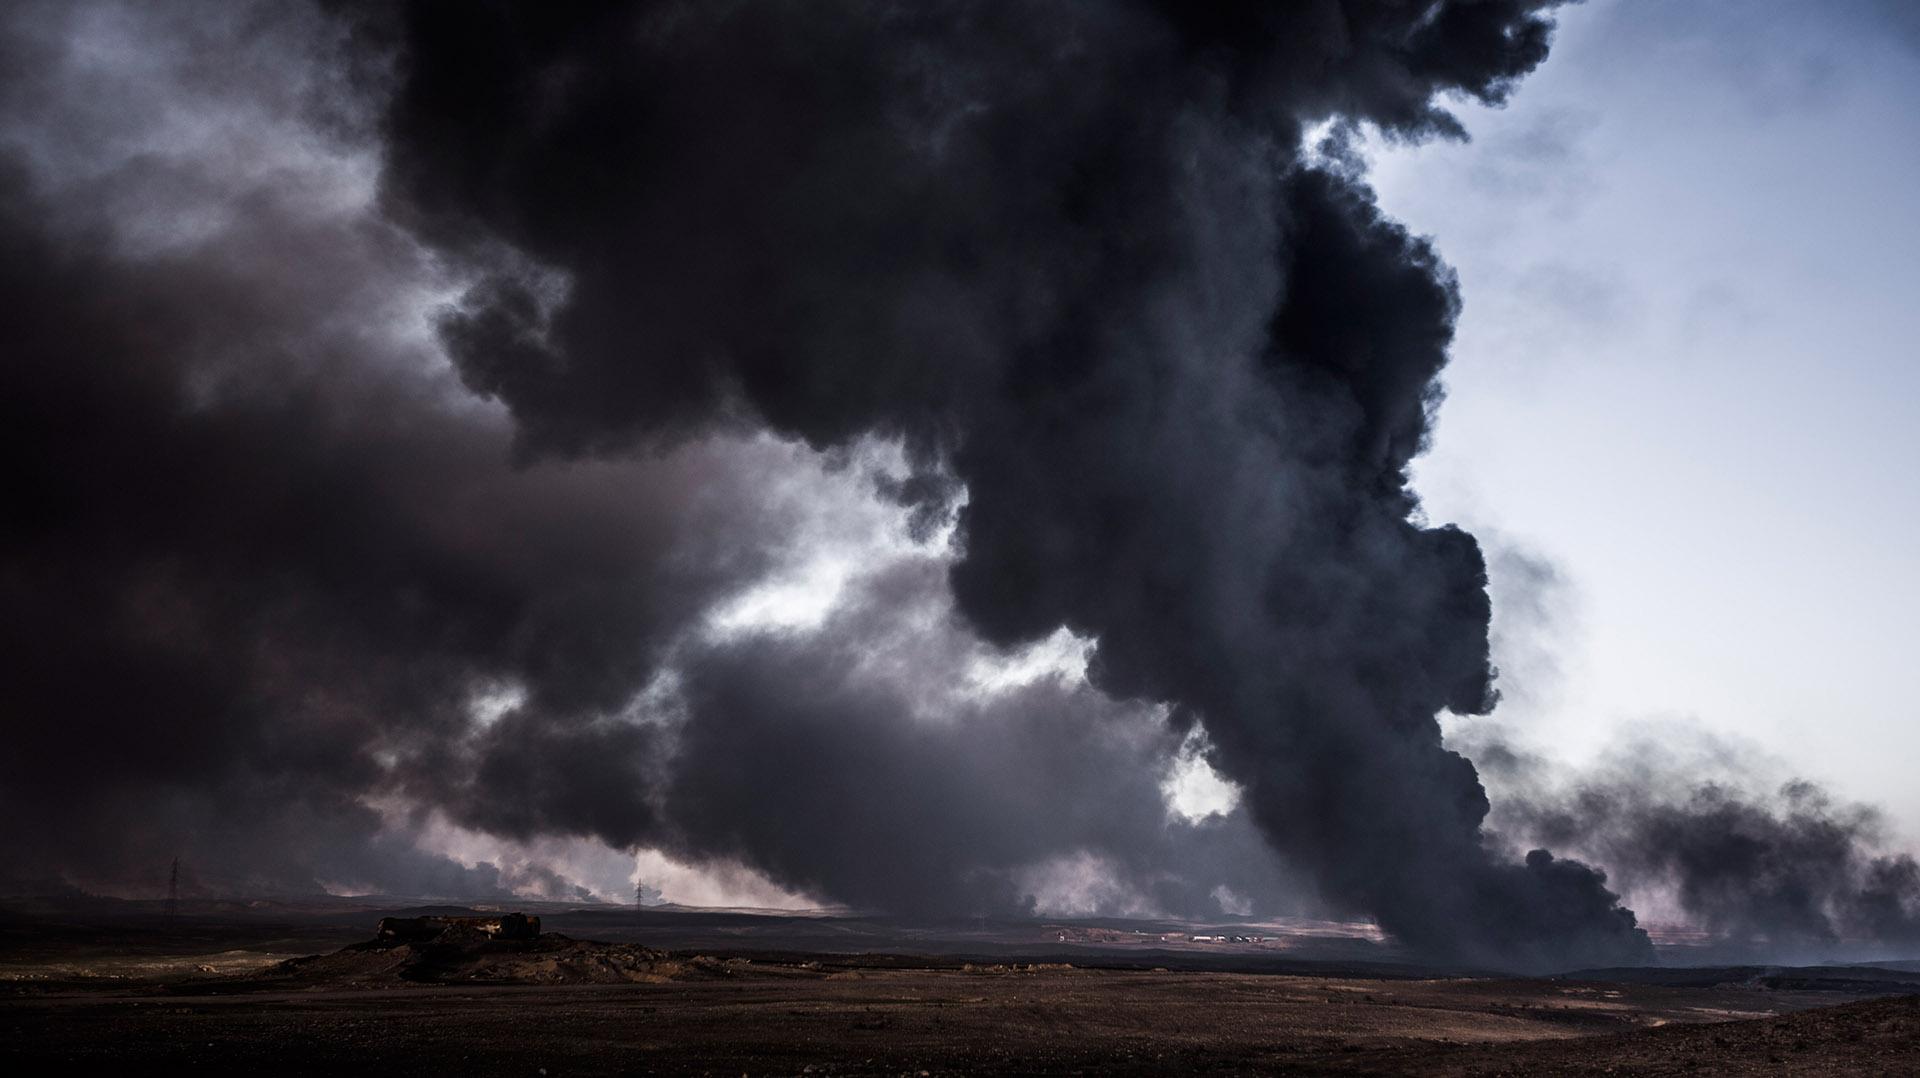 La densa humareda que provocan las llamas de los pozos incendiados son visibles desde varios kilómetros de distancia (Pablo Cobos)